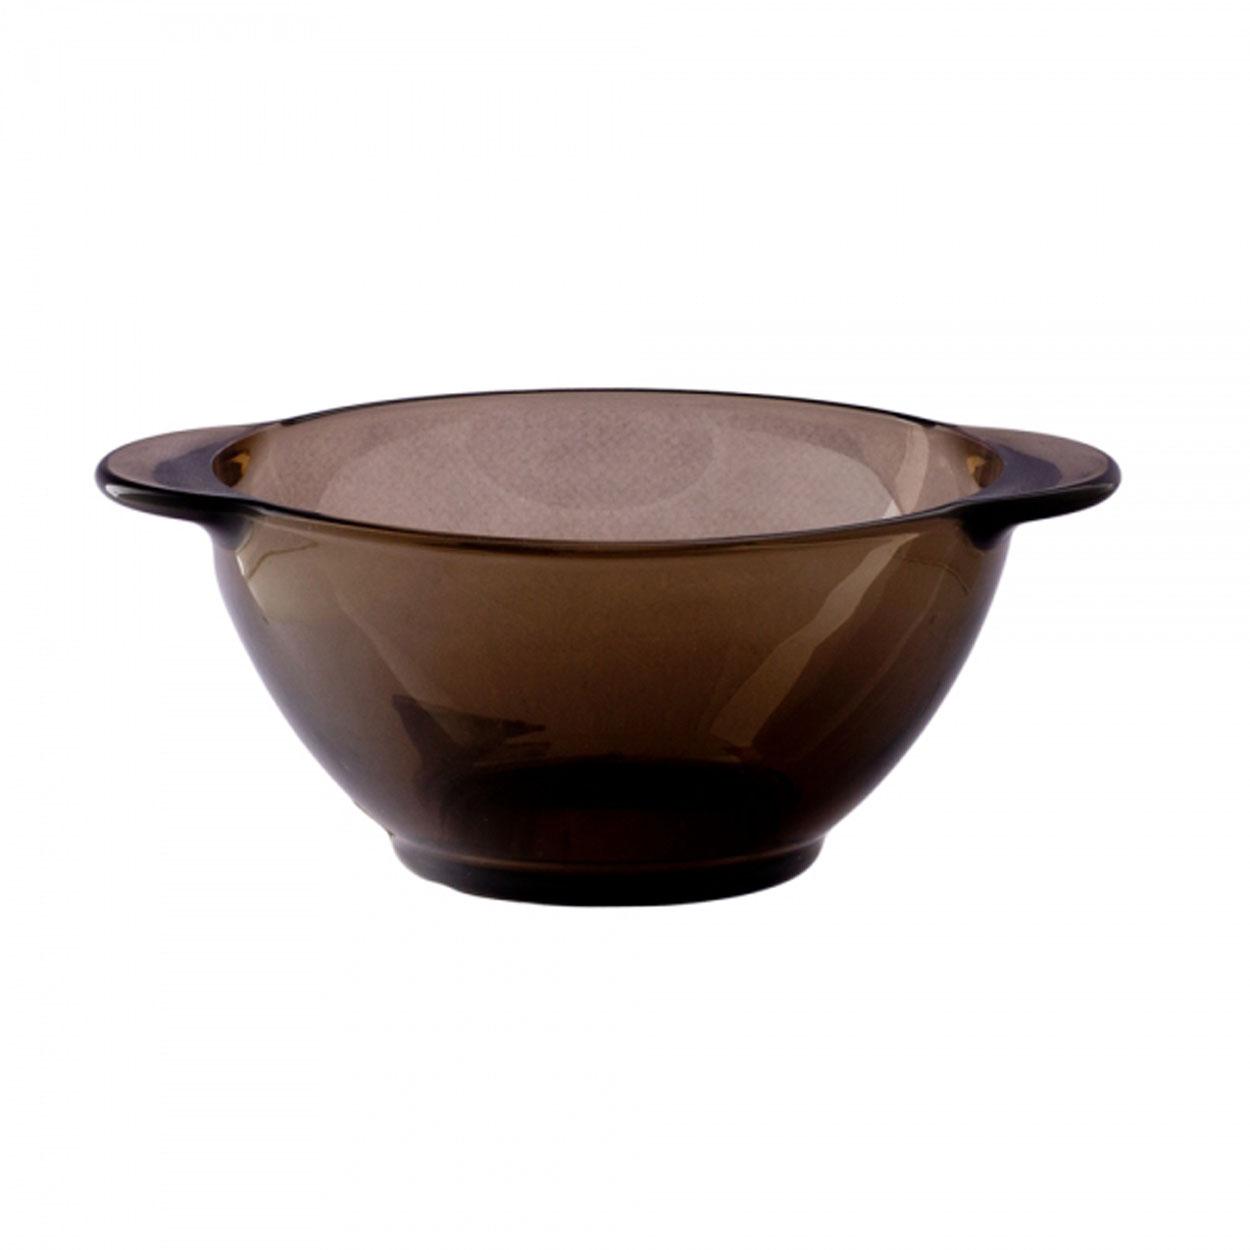 Бульонница Luminarc, 250 мл. H8504115510Бульонница Luminarc станет изюминкой вашего стола. Необычный коричнево-дымчатый цвет придает ей особой оригинальности и неповторимости.Можно мыть в посудомоечной машине и использовать в СВЧ.Объем бульонницы: 250 мл.